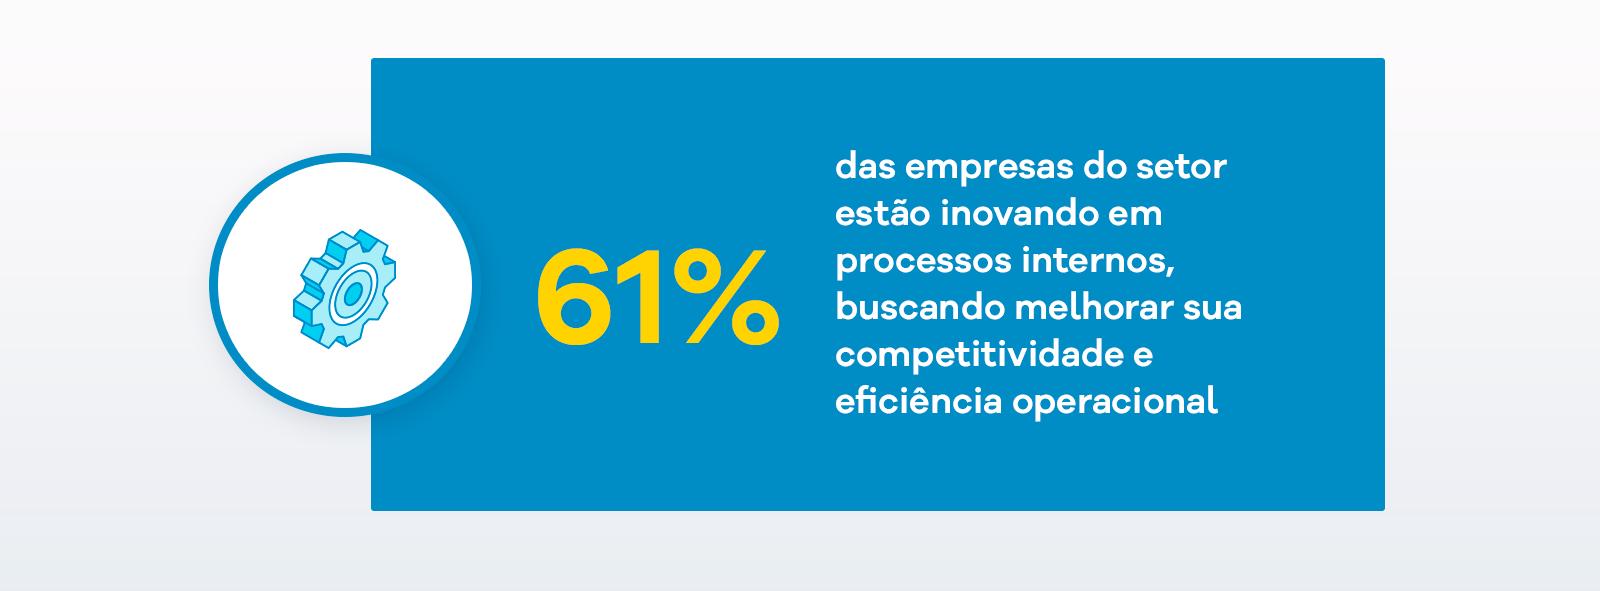 inovacao-processos-eficiencia-operacional